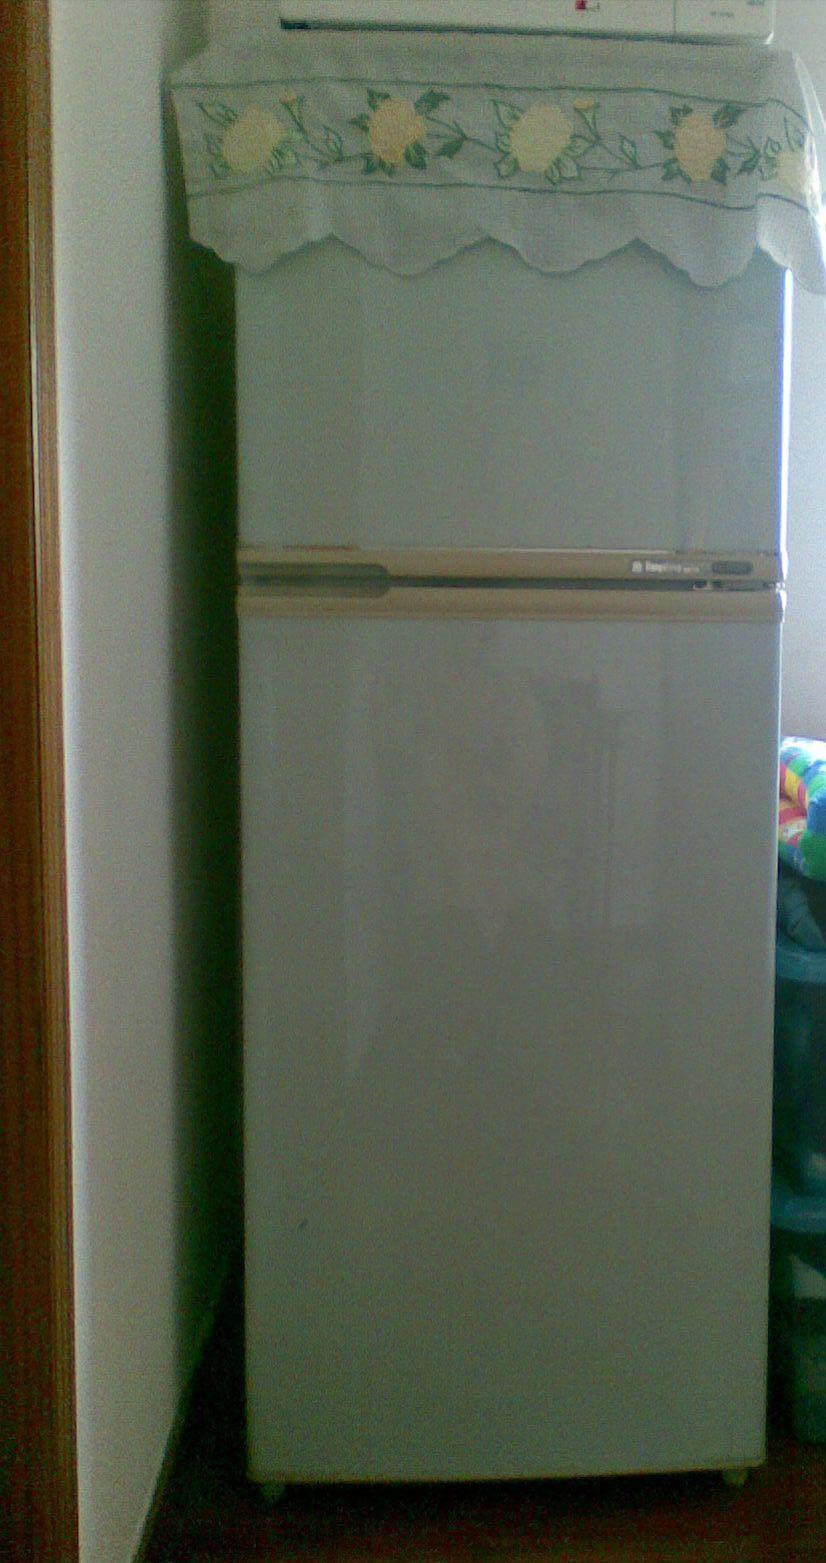 > 出自家用容声冰箱bcd-190w,只要rmb300,有图